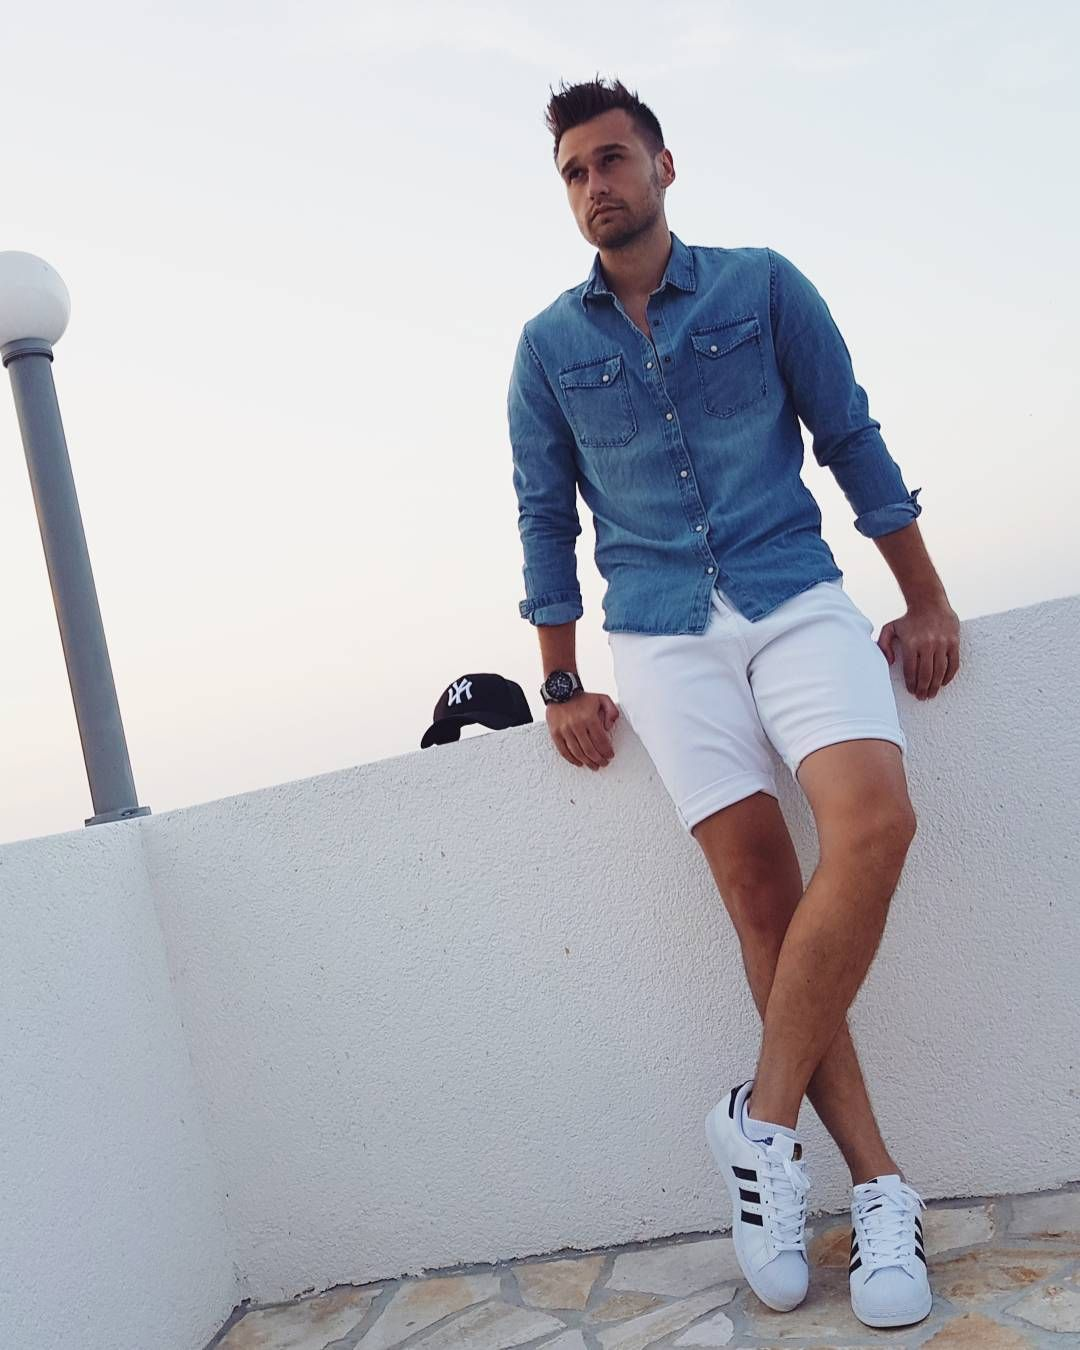 denim shirt with shorts